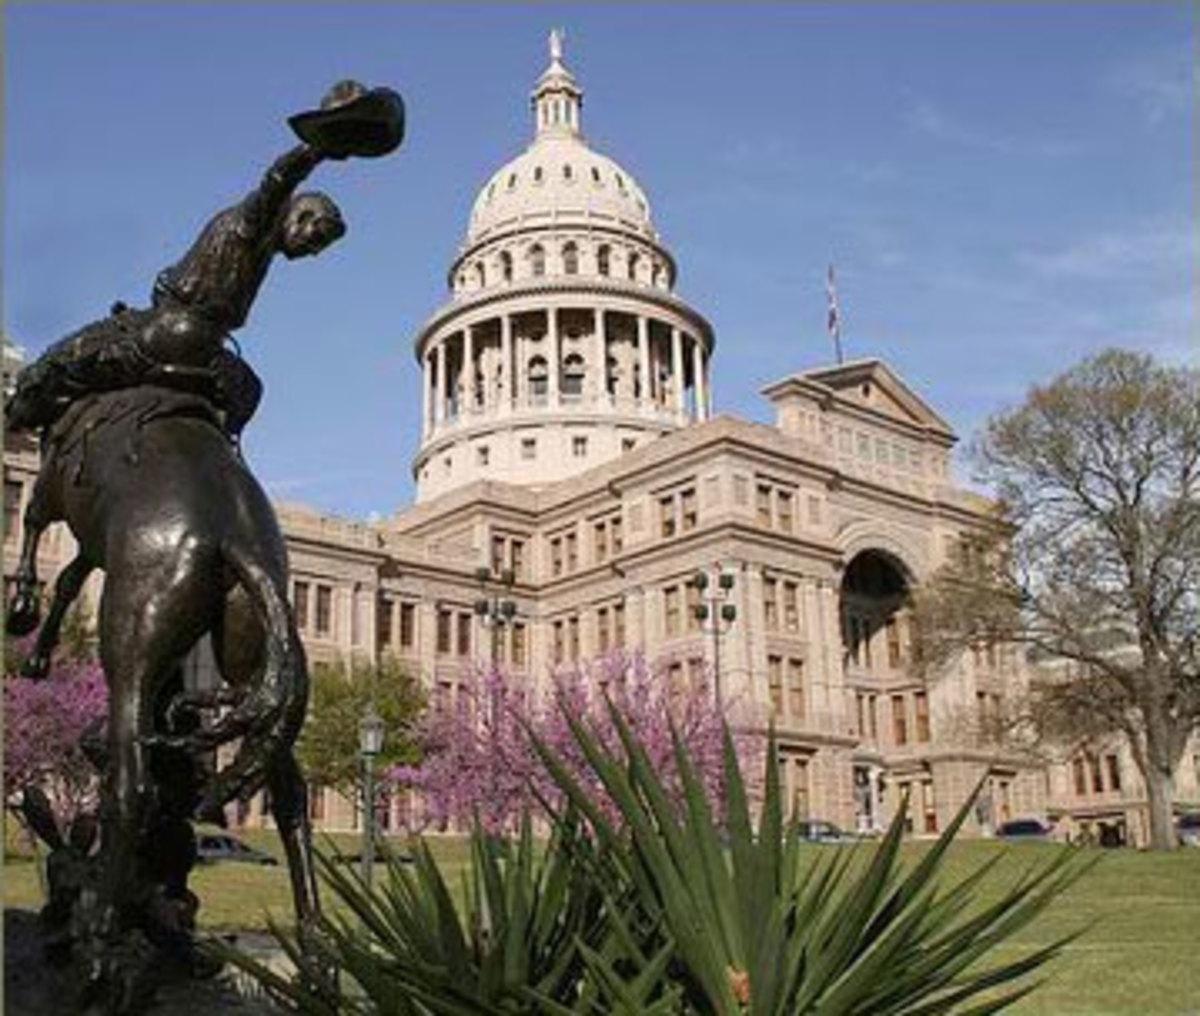 State Capitol in Austin